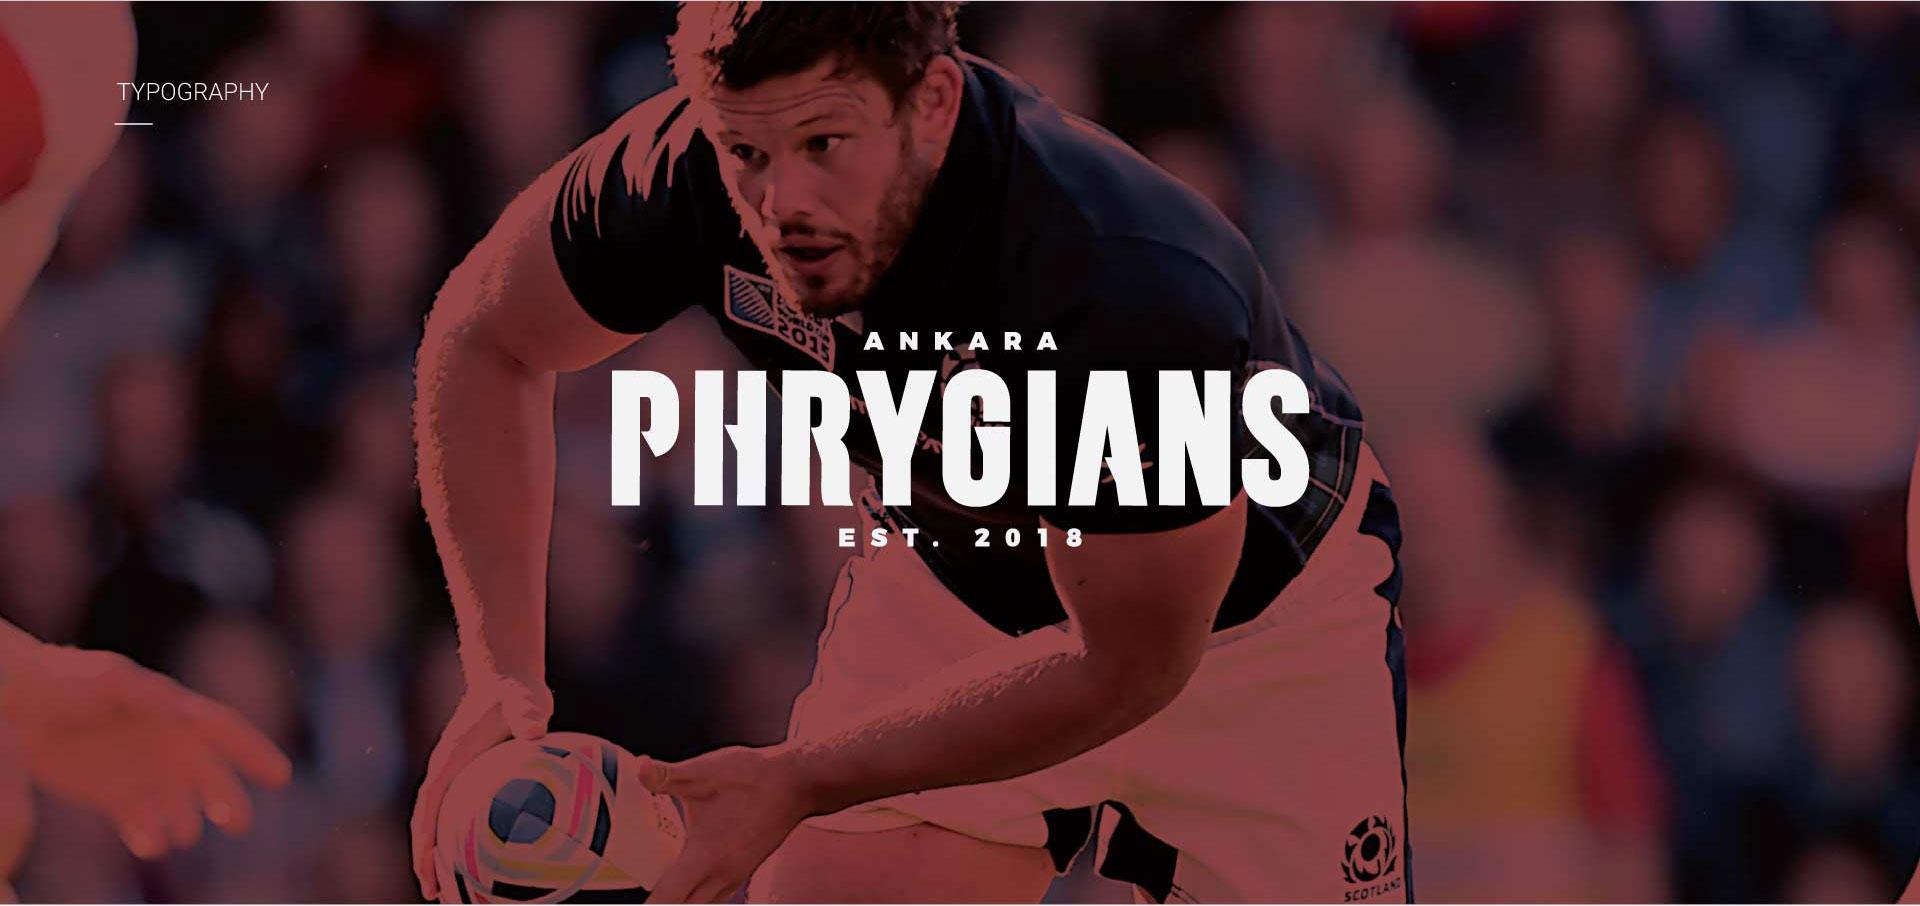 Phrigians